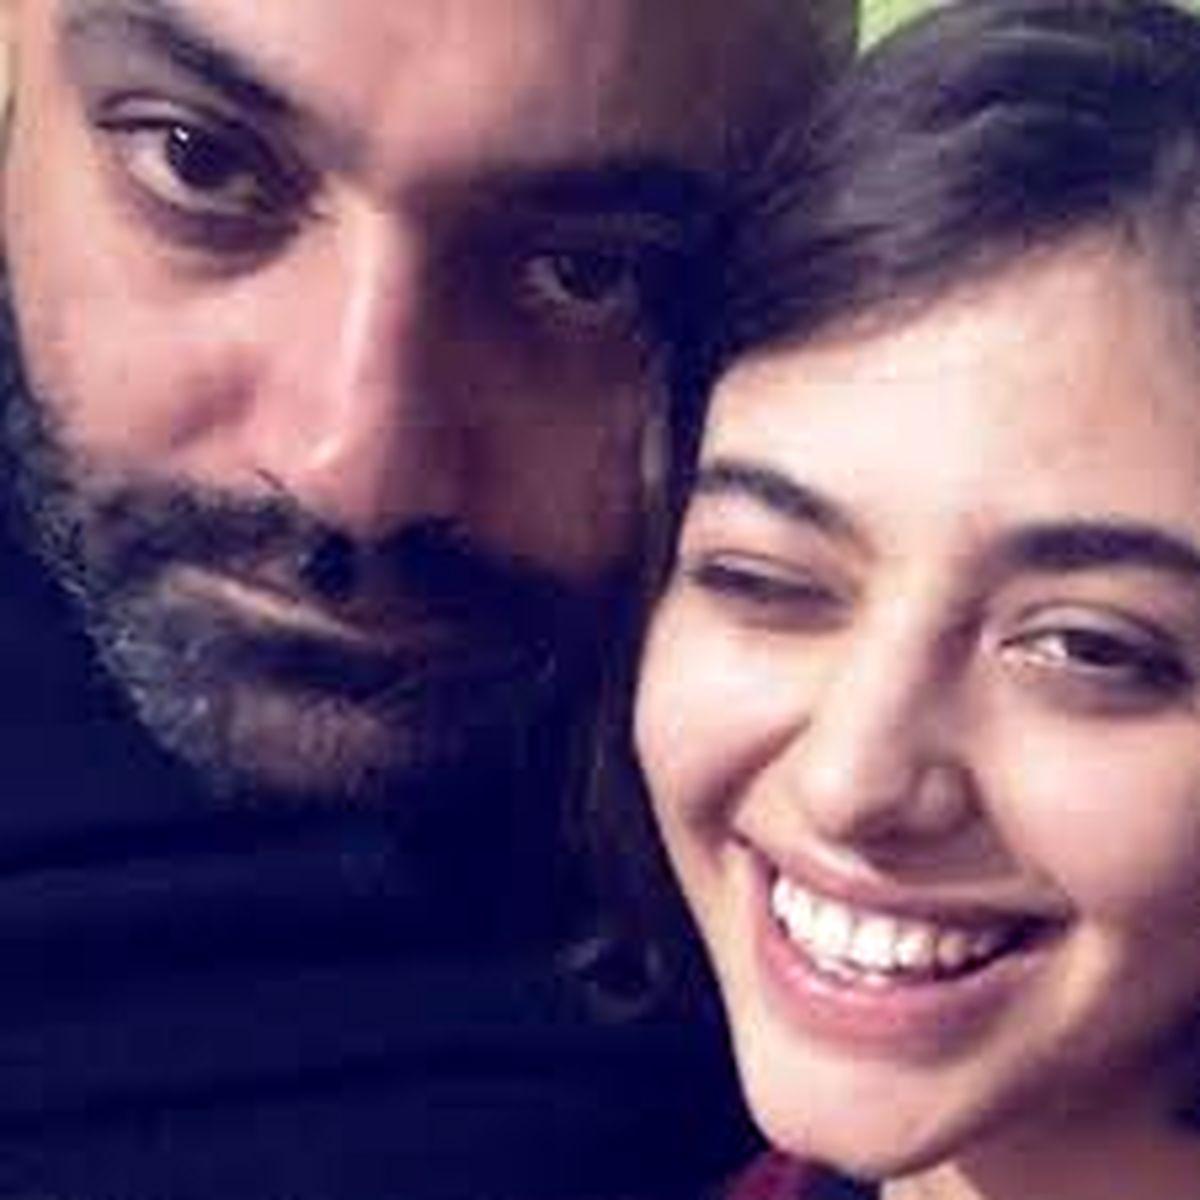 ریحانه پارسا| ویدیو جنجالی دابسمش با همسرش + فیلم و عکس